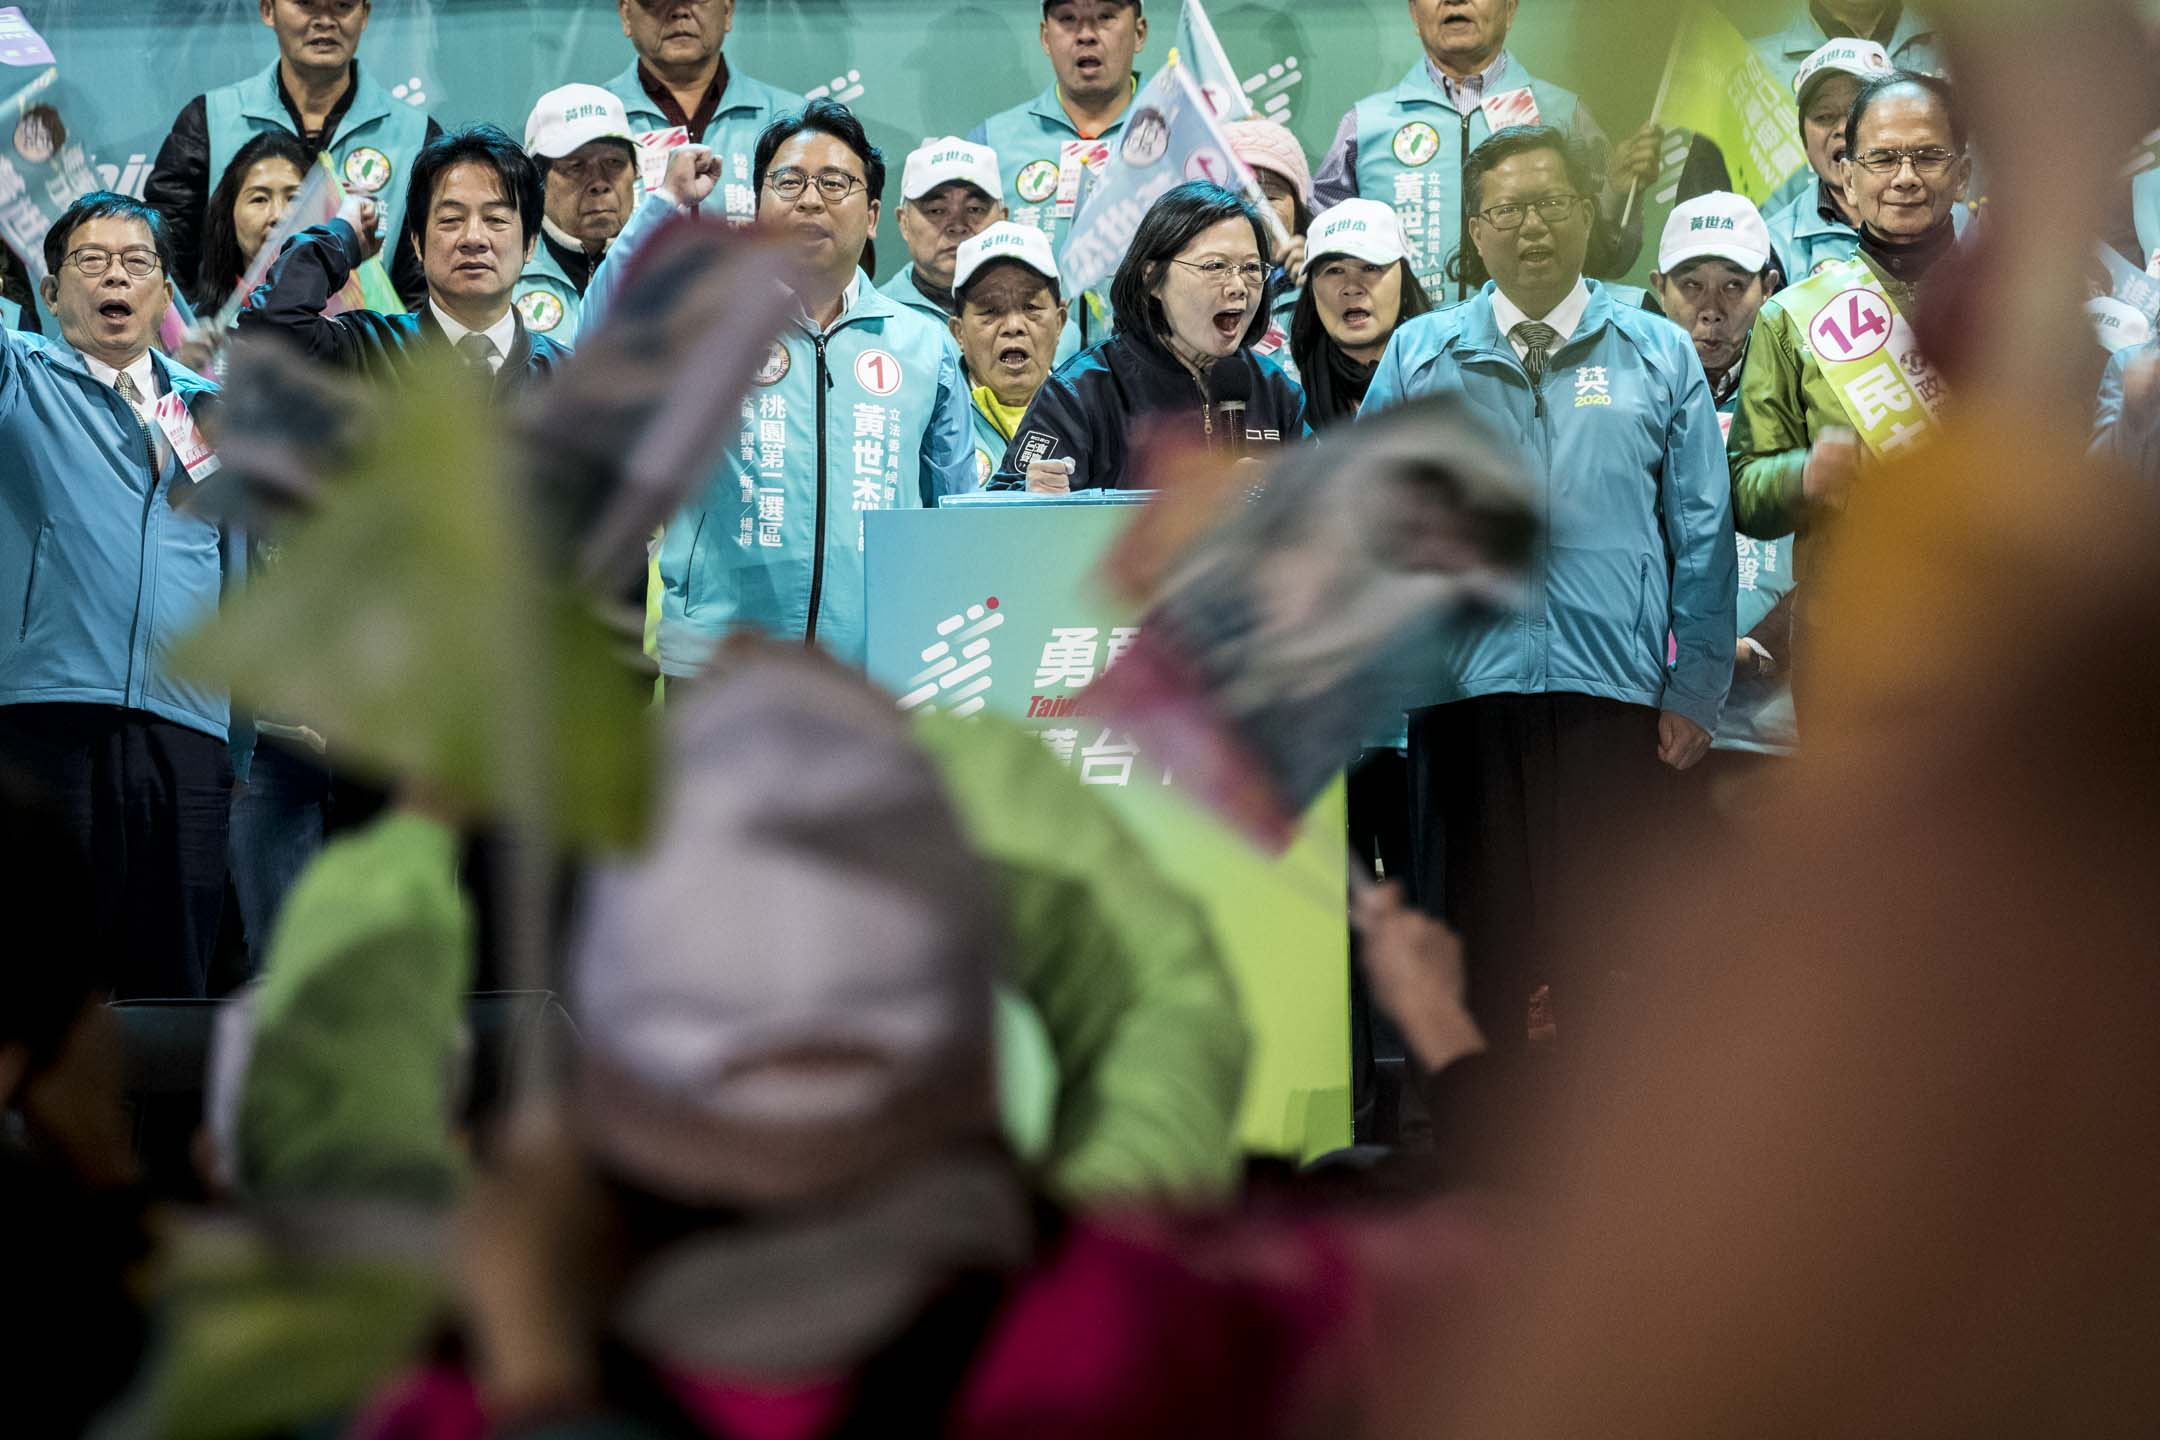 2020年1月8日,民進黨總統候選人蔡英文在桃園造勢晚會。 攝:林振東/端傳媒